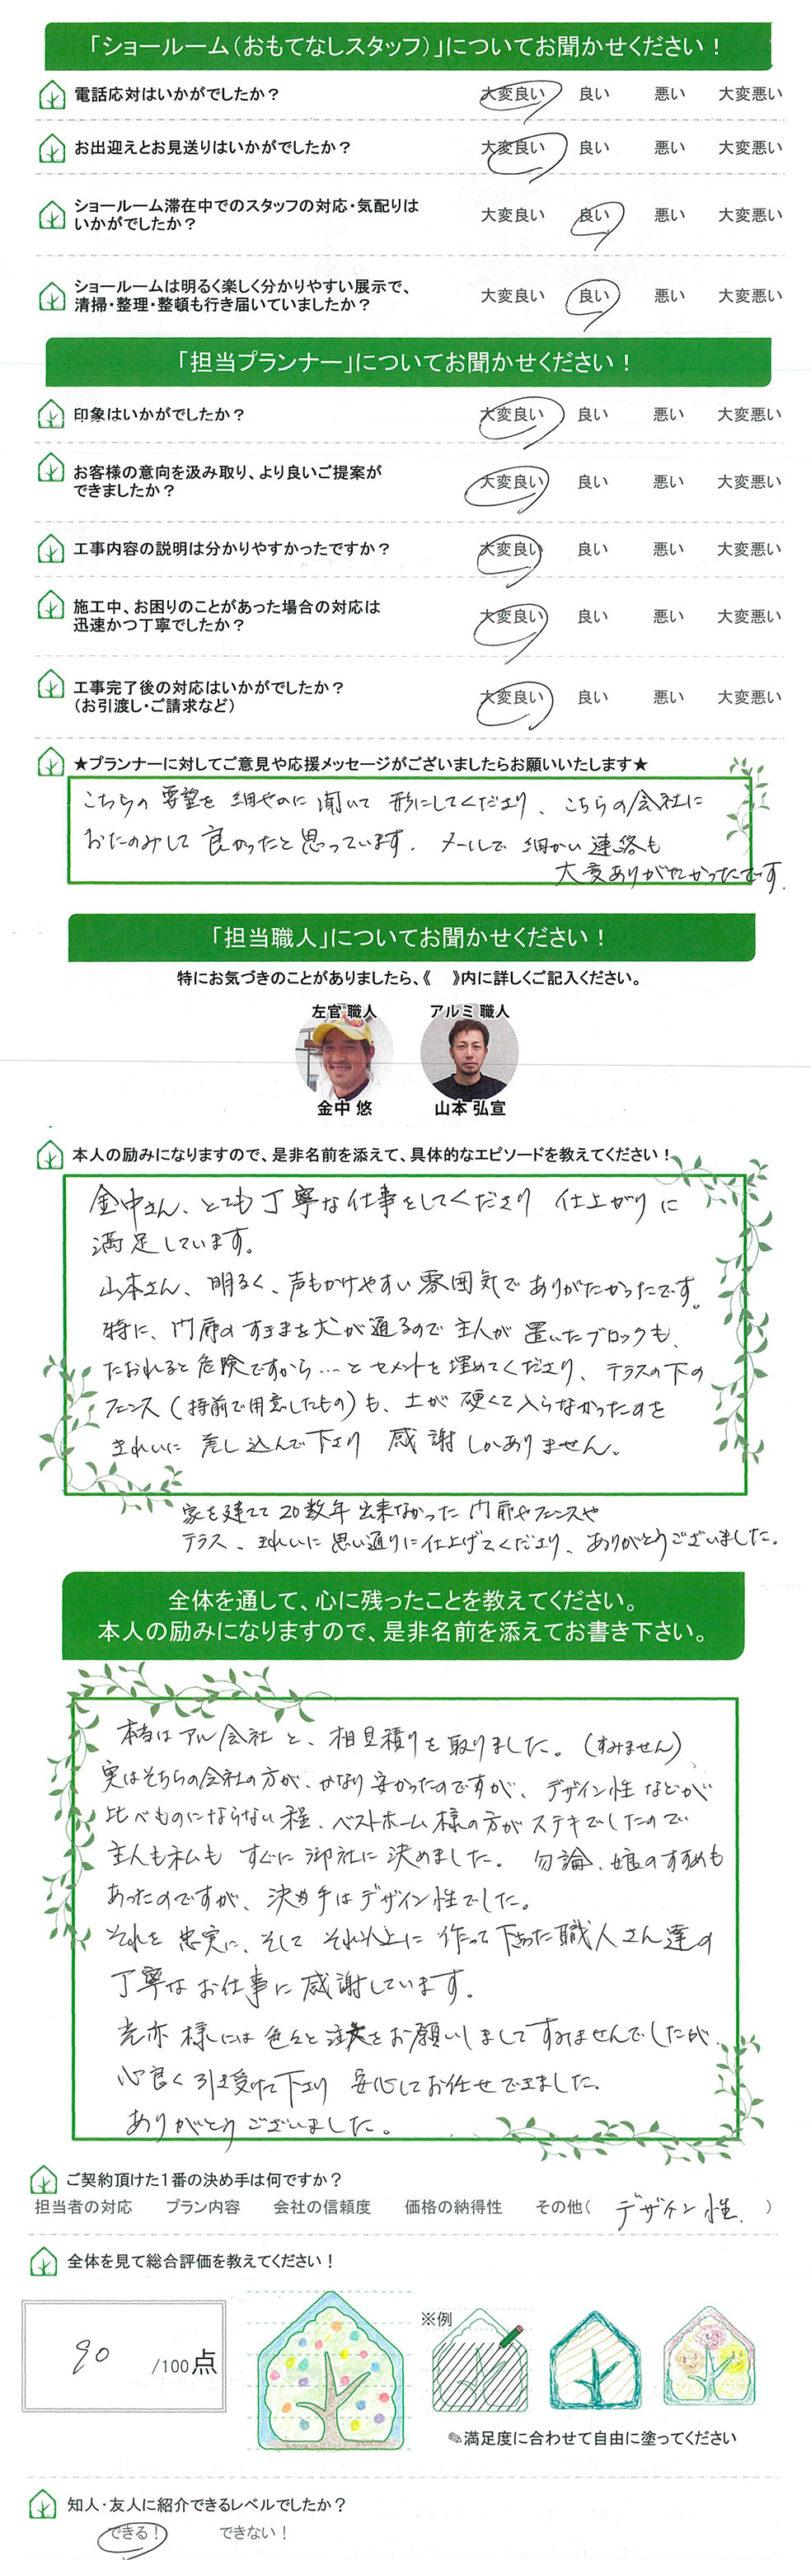 決め手はデザイン性、丁寧なお仕事に感謝しています。 岡山県邑久町 T様